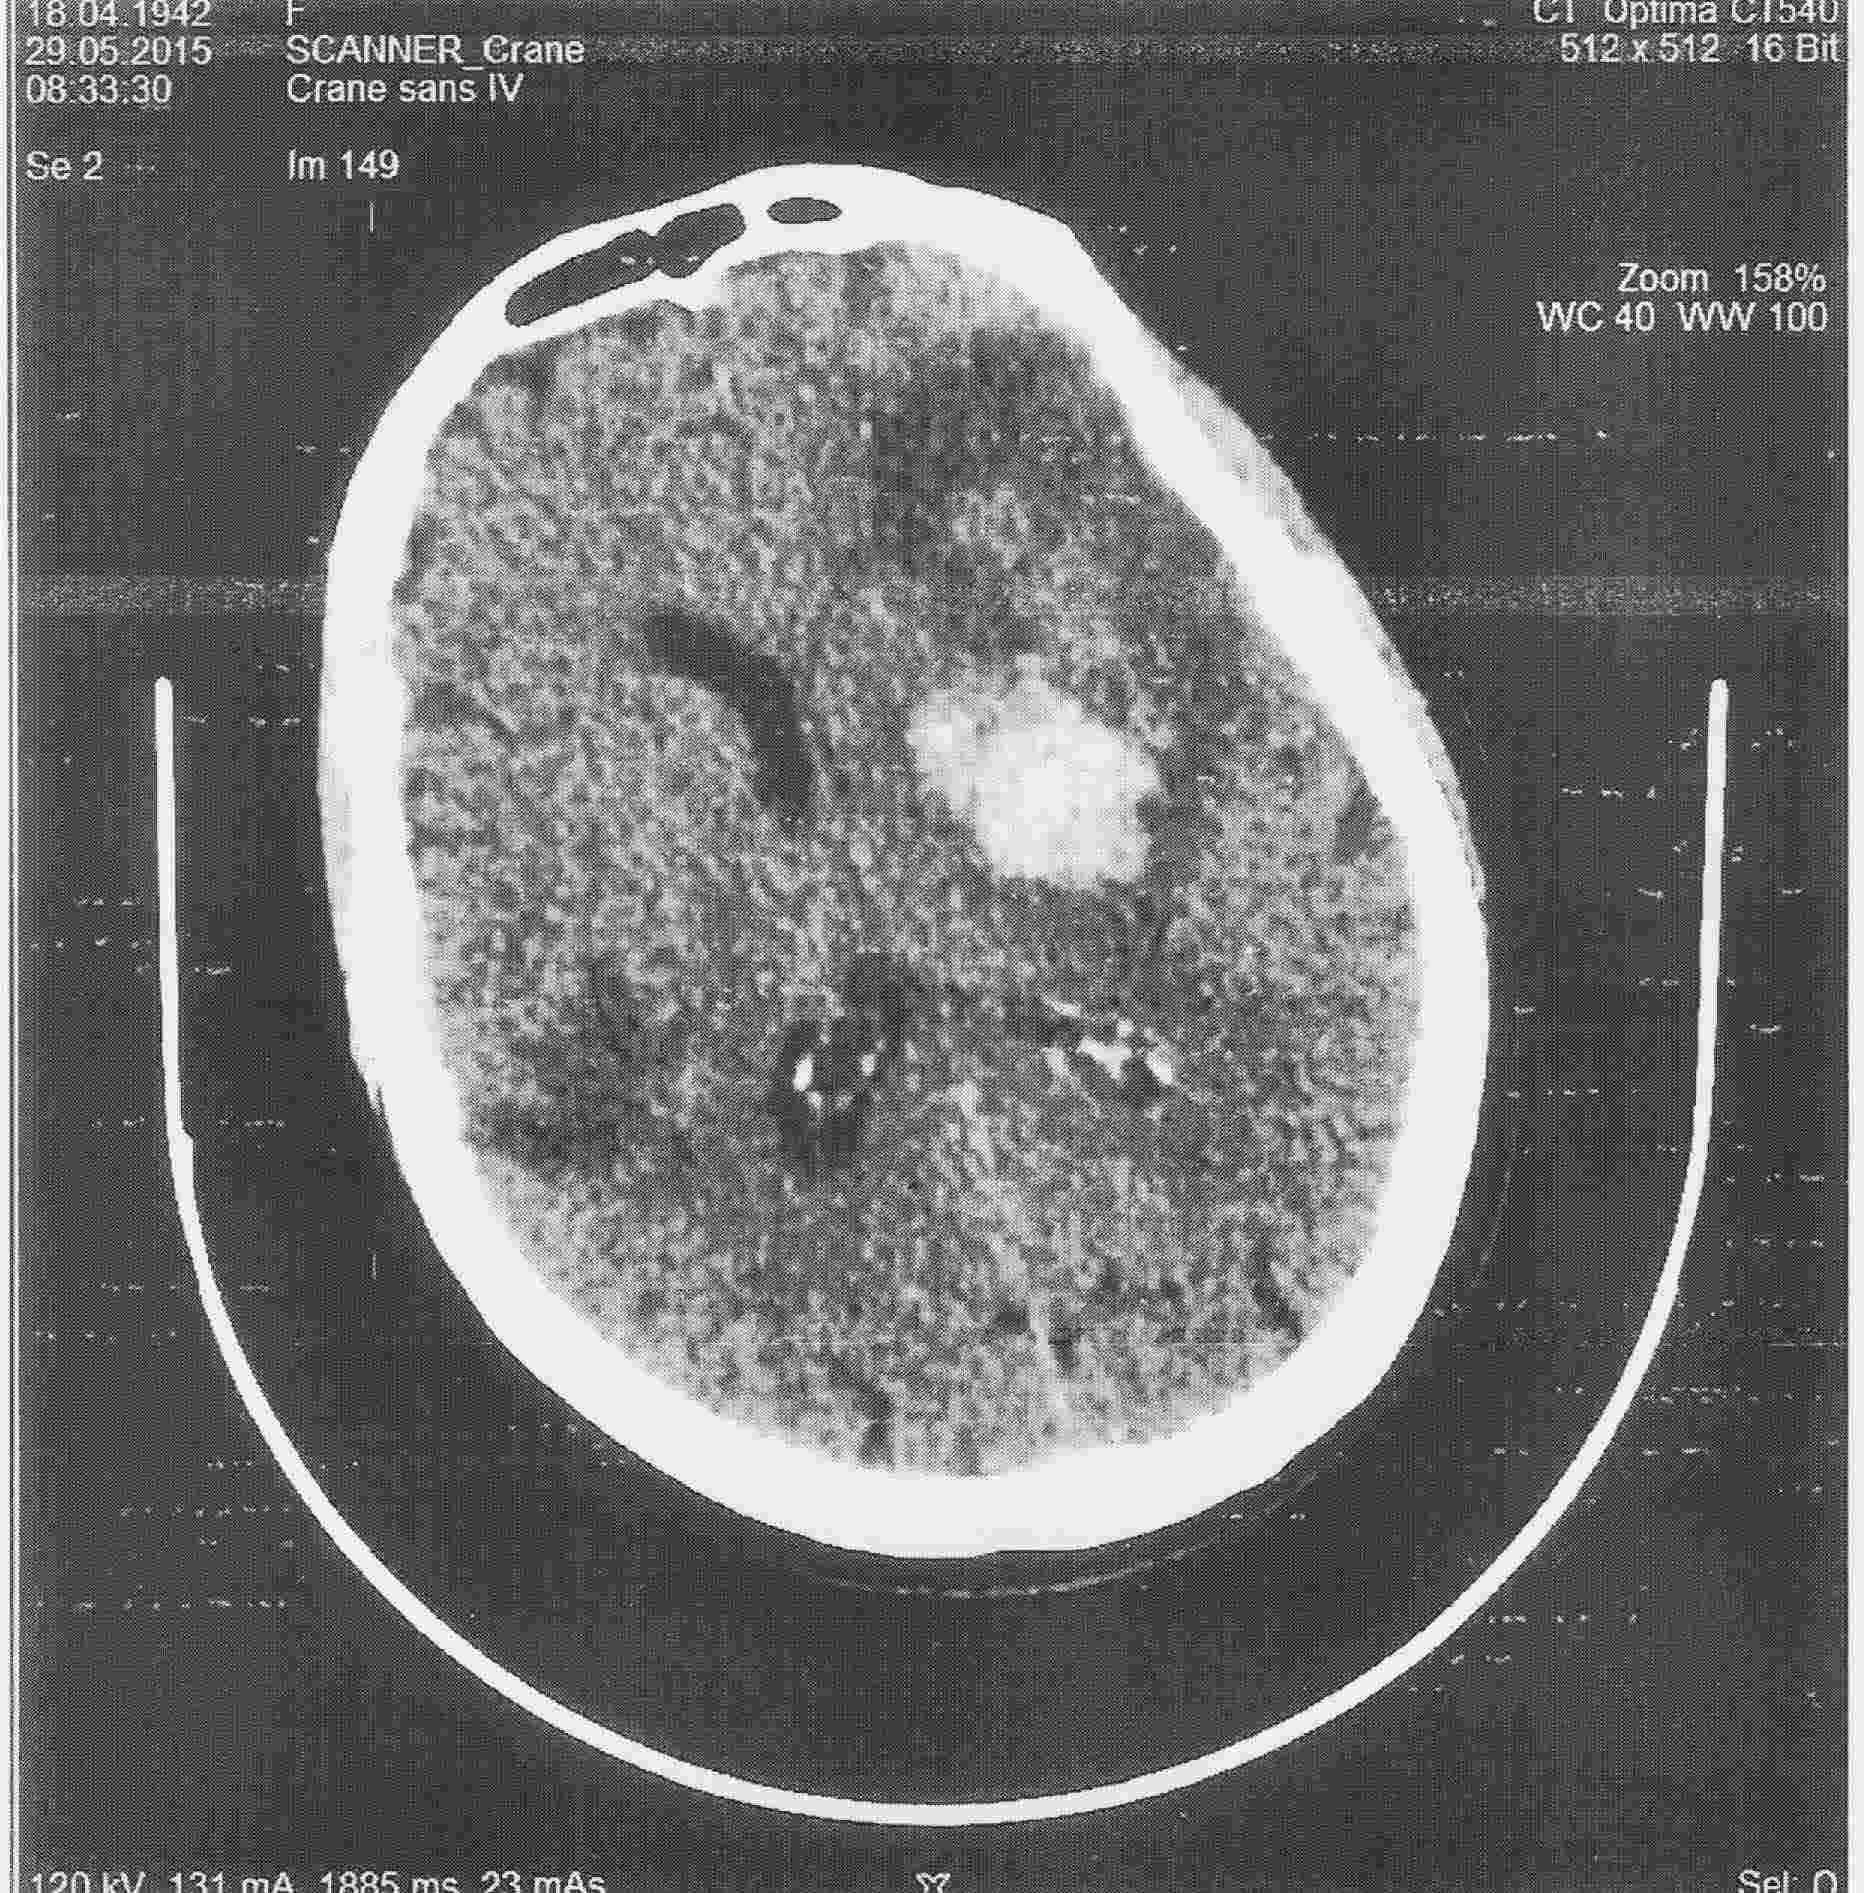 Tomodensitométrie. Deux AVC (zones hypodenses) dont un avec transformation hémorragique (zone arrondie hyperdense). Contre-indication à la thrombolyse.